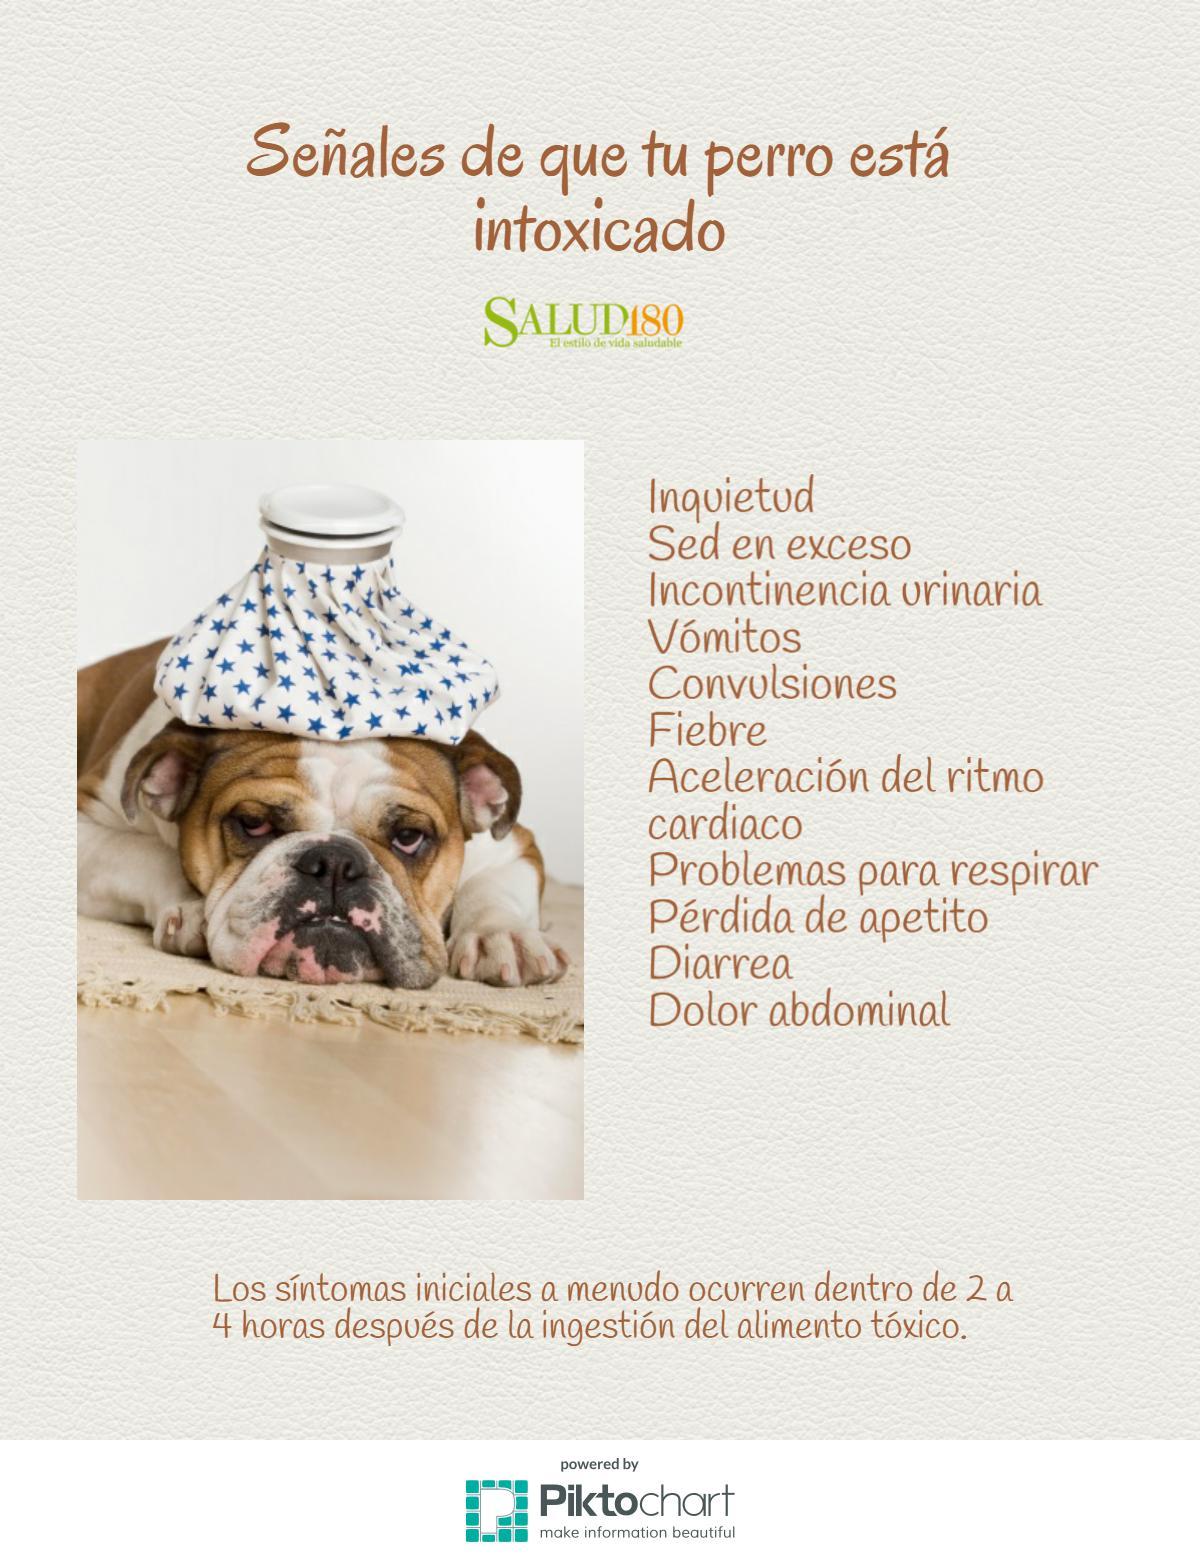 sintomas de intoxicación por alimentos en perros